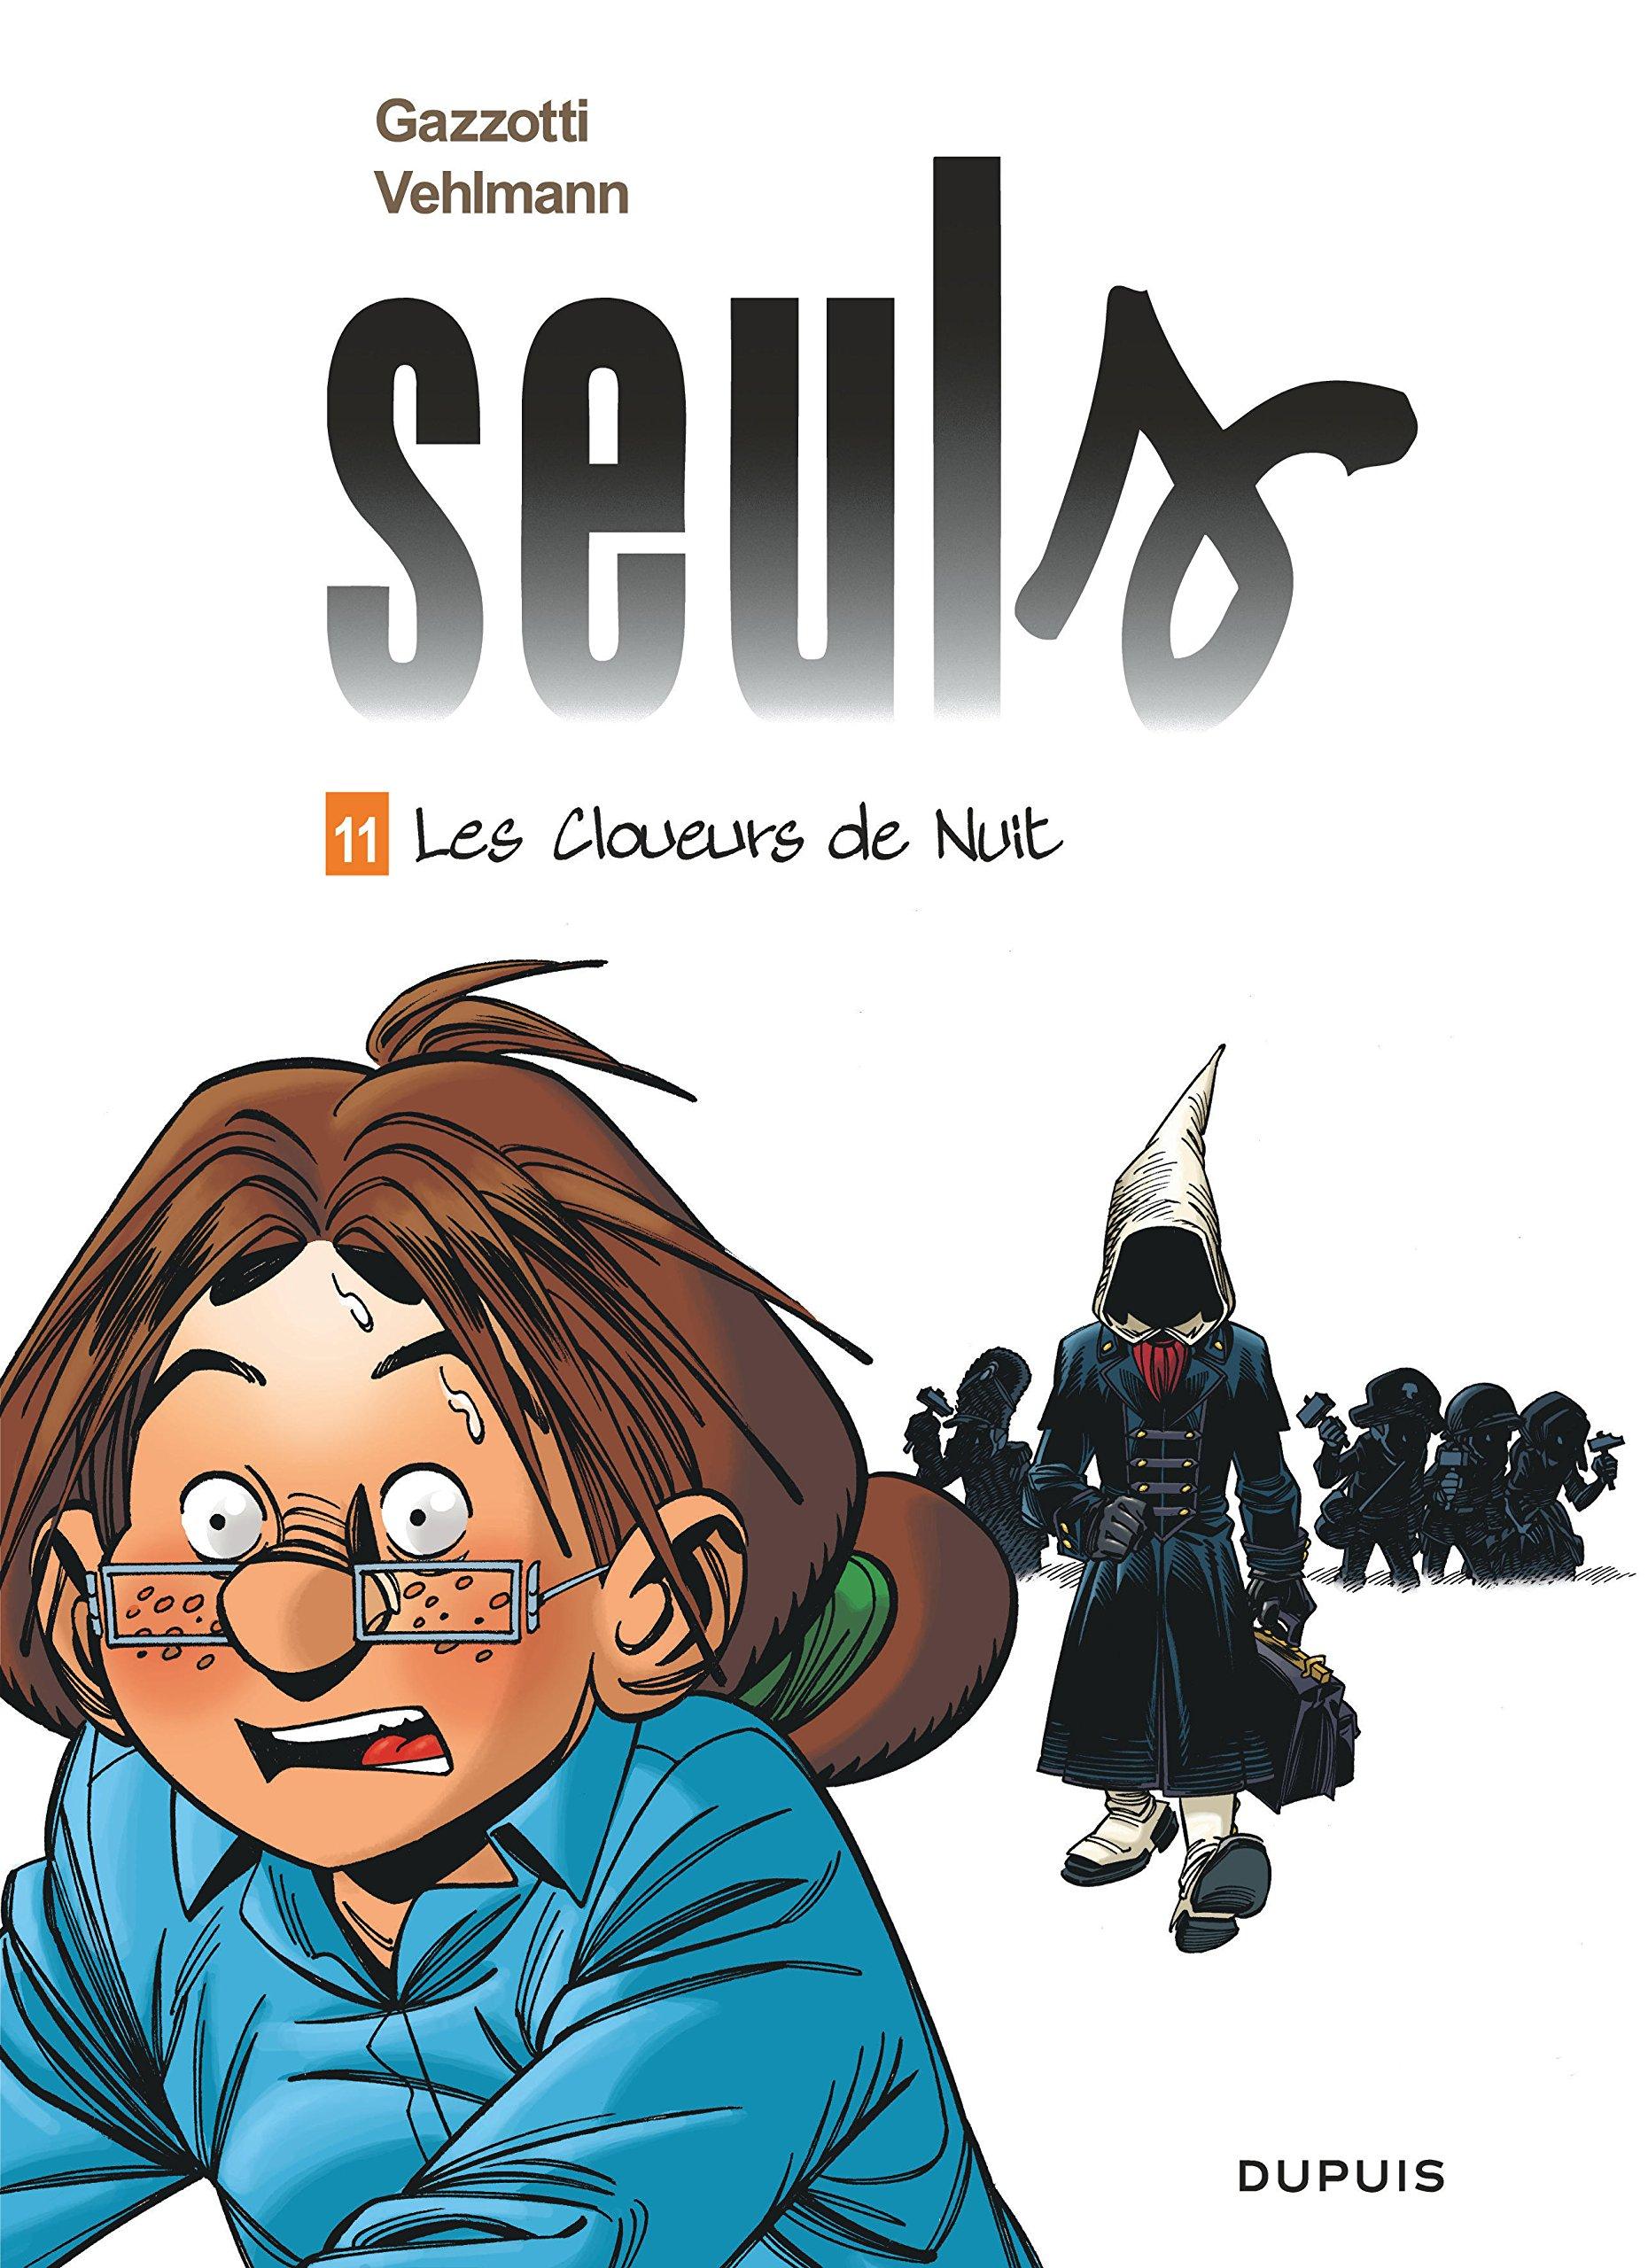 Seuls - tome 11 - Les cloueurs de nuit Album – 1 juin 2018 Vehlmann Fabien Gazzotti Dupuis 2800170476